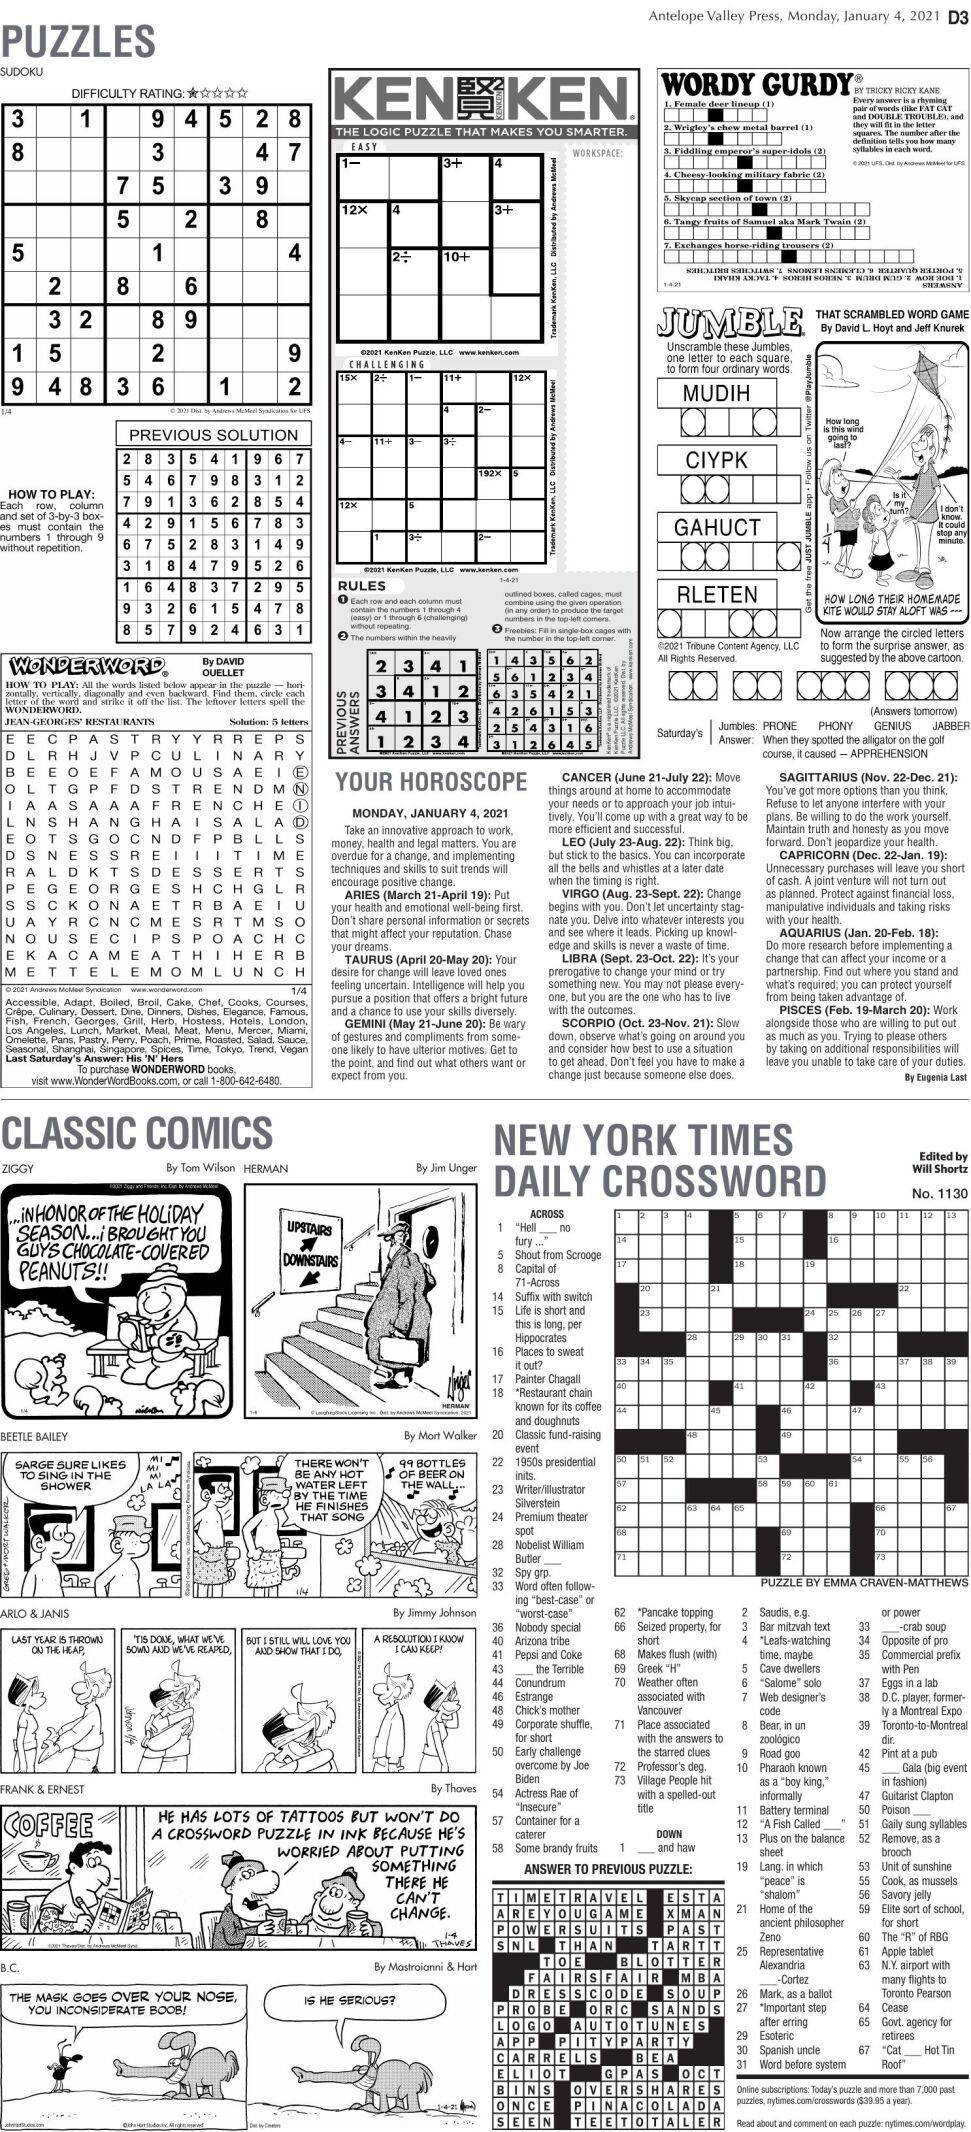 Puzzles, Jan. 4, 2021